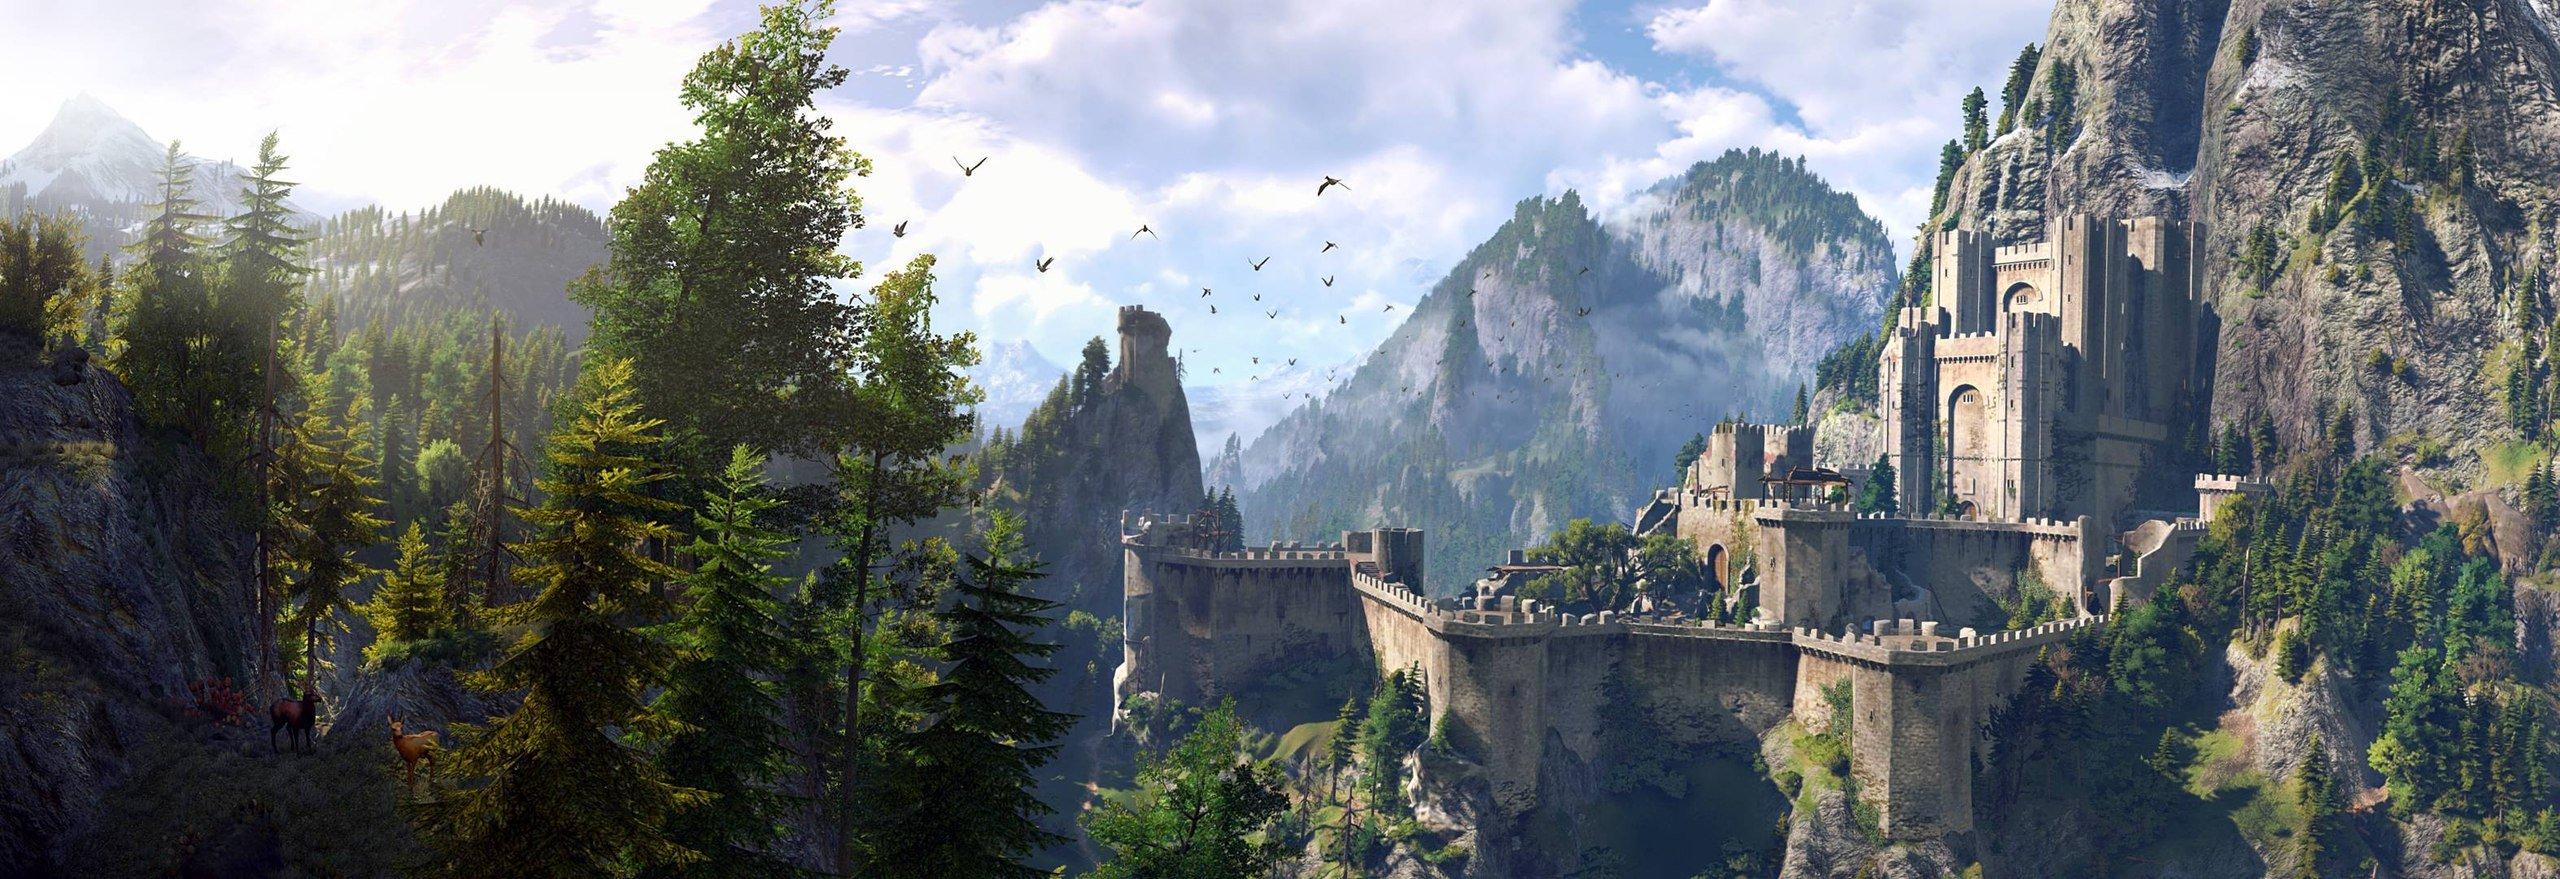 The Witcher 3: Wild Hunt. Новые факты. Вопросы и ответы.   -В игру возвращается один из прежних способов восстановле ... - Изображение 4